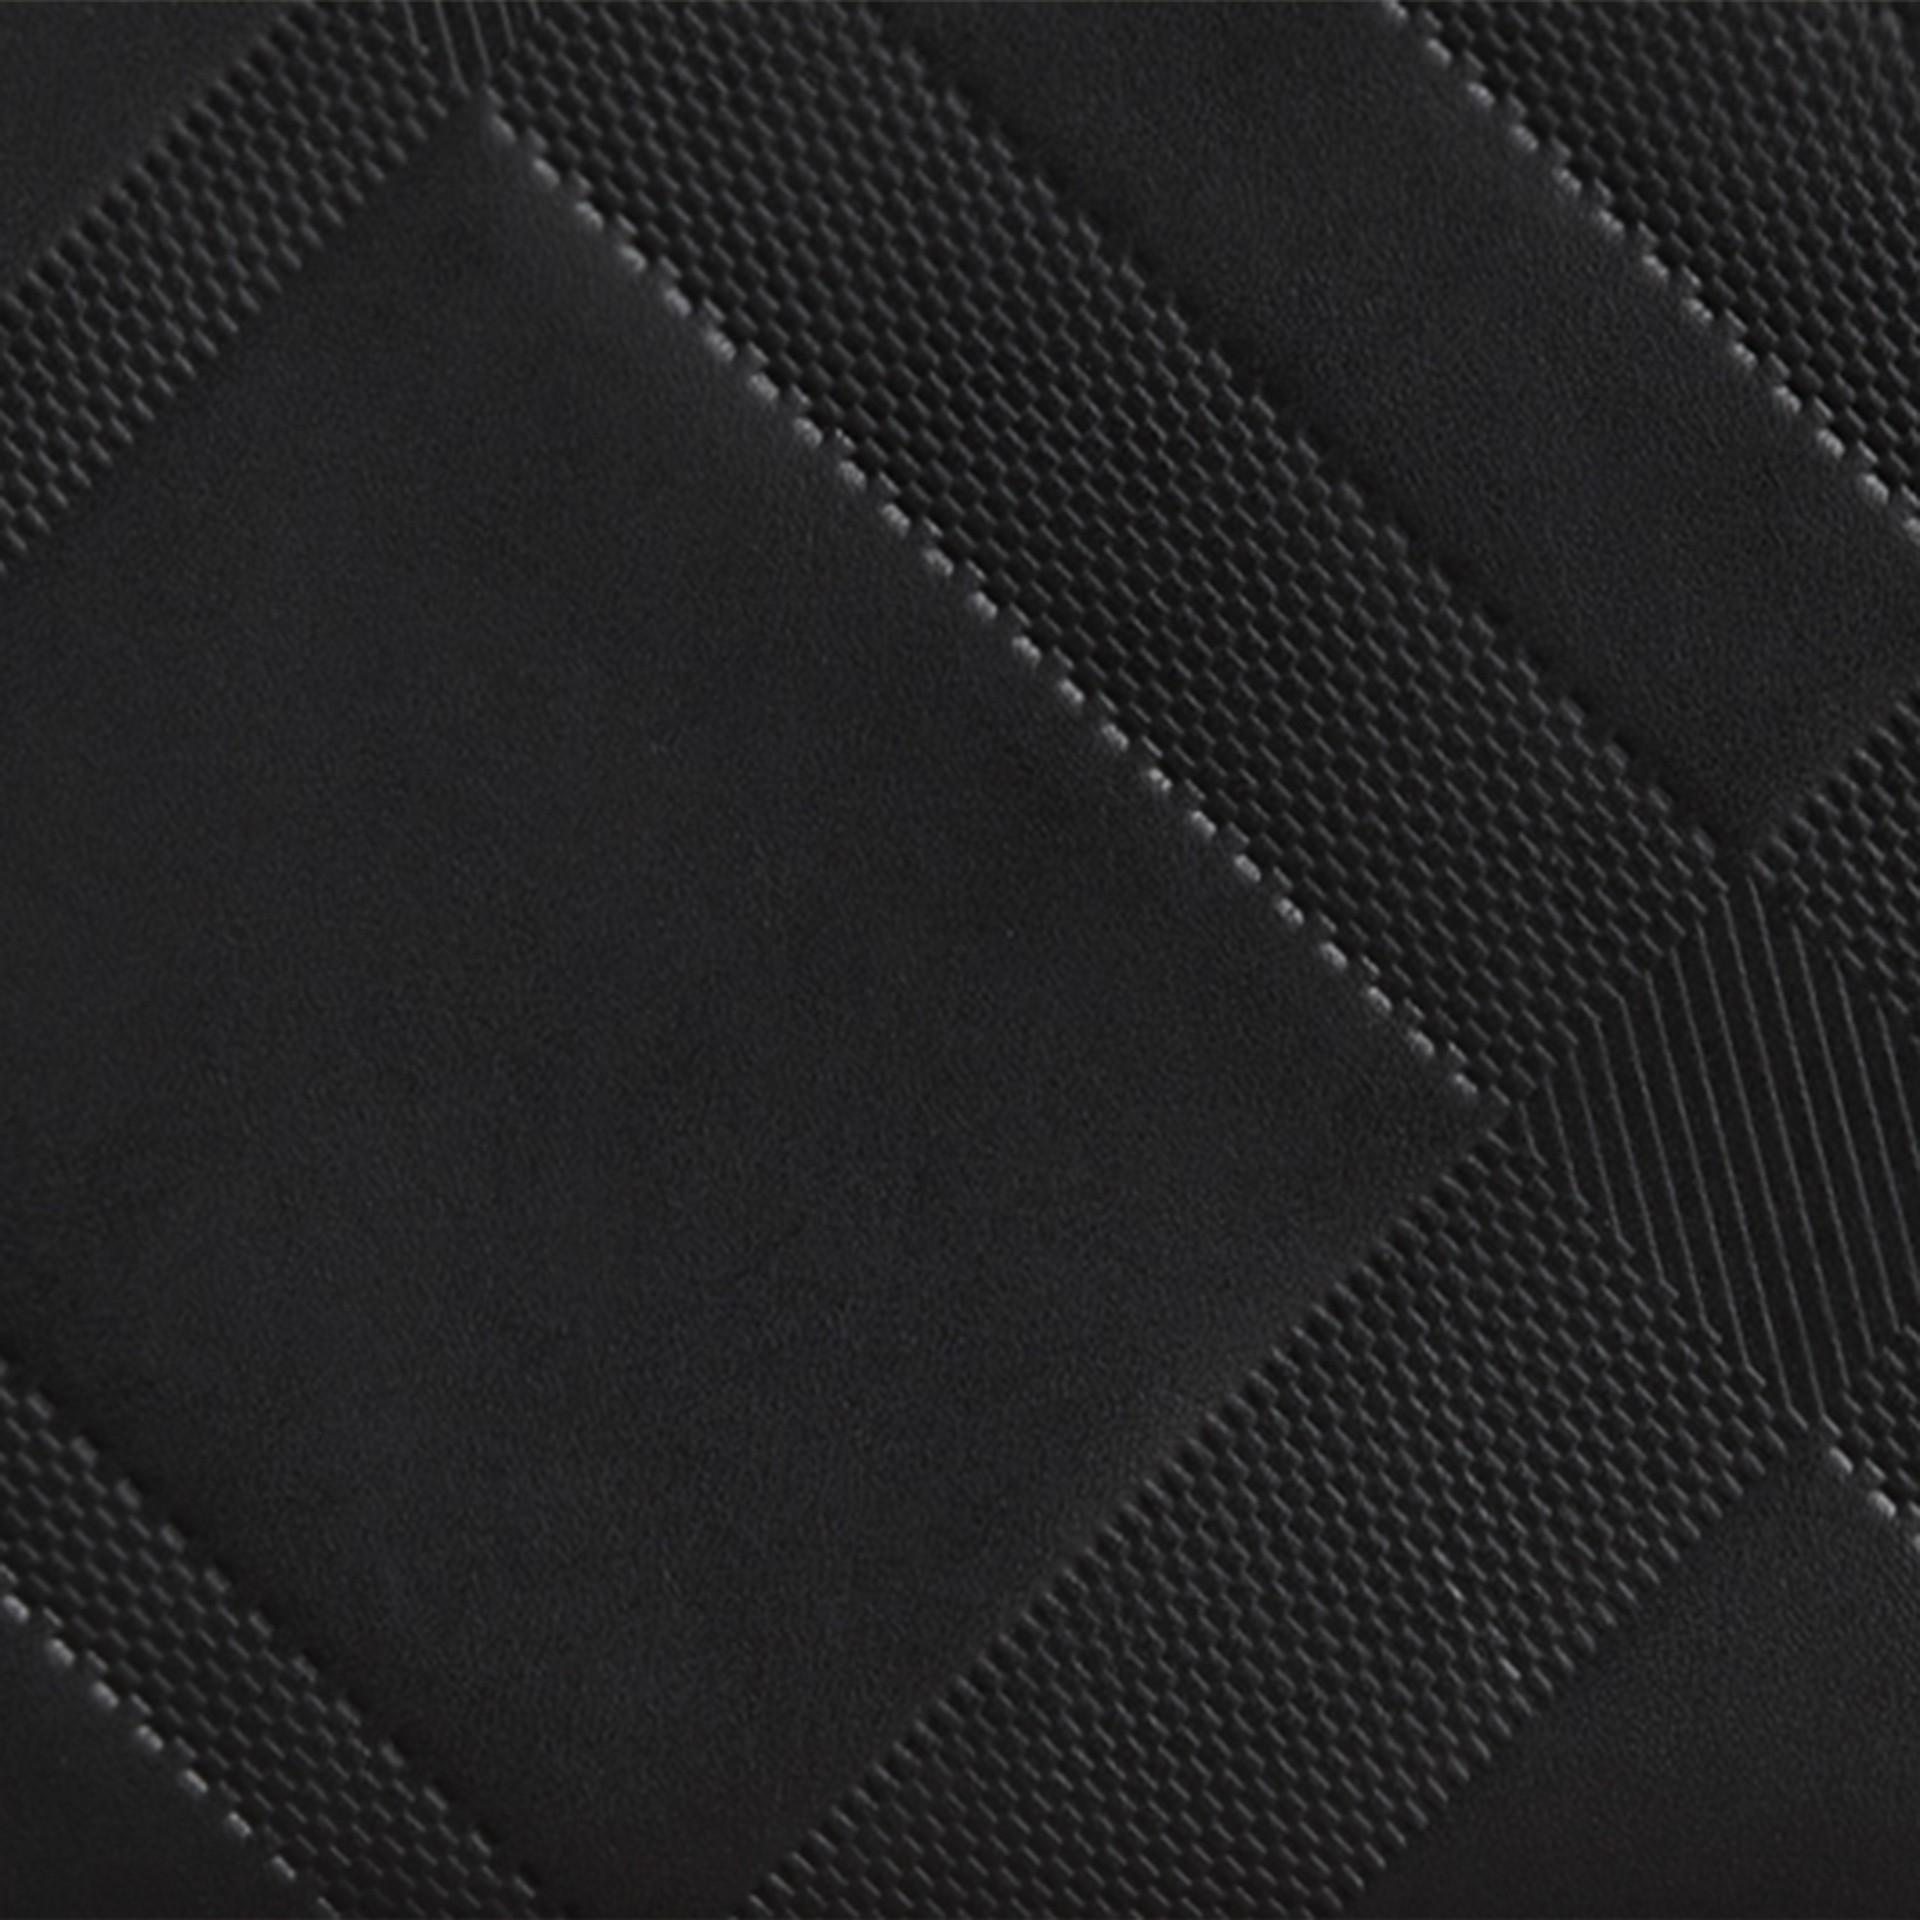 Noir Portefeuille zippé en cuir à motif check estampé Noir - photo de la galerie 2